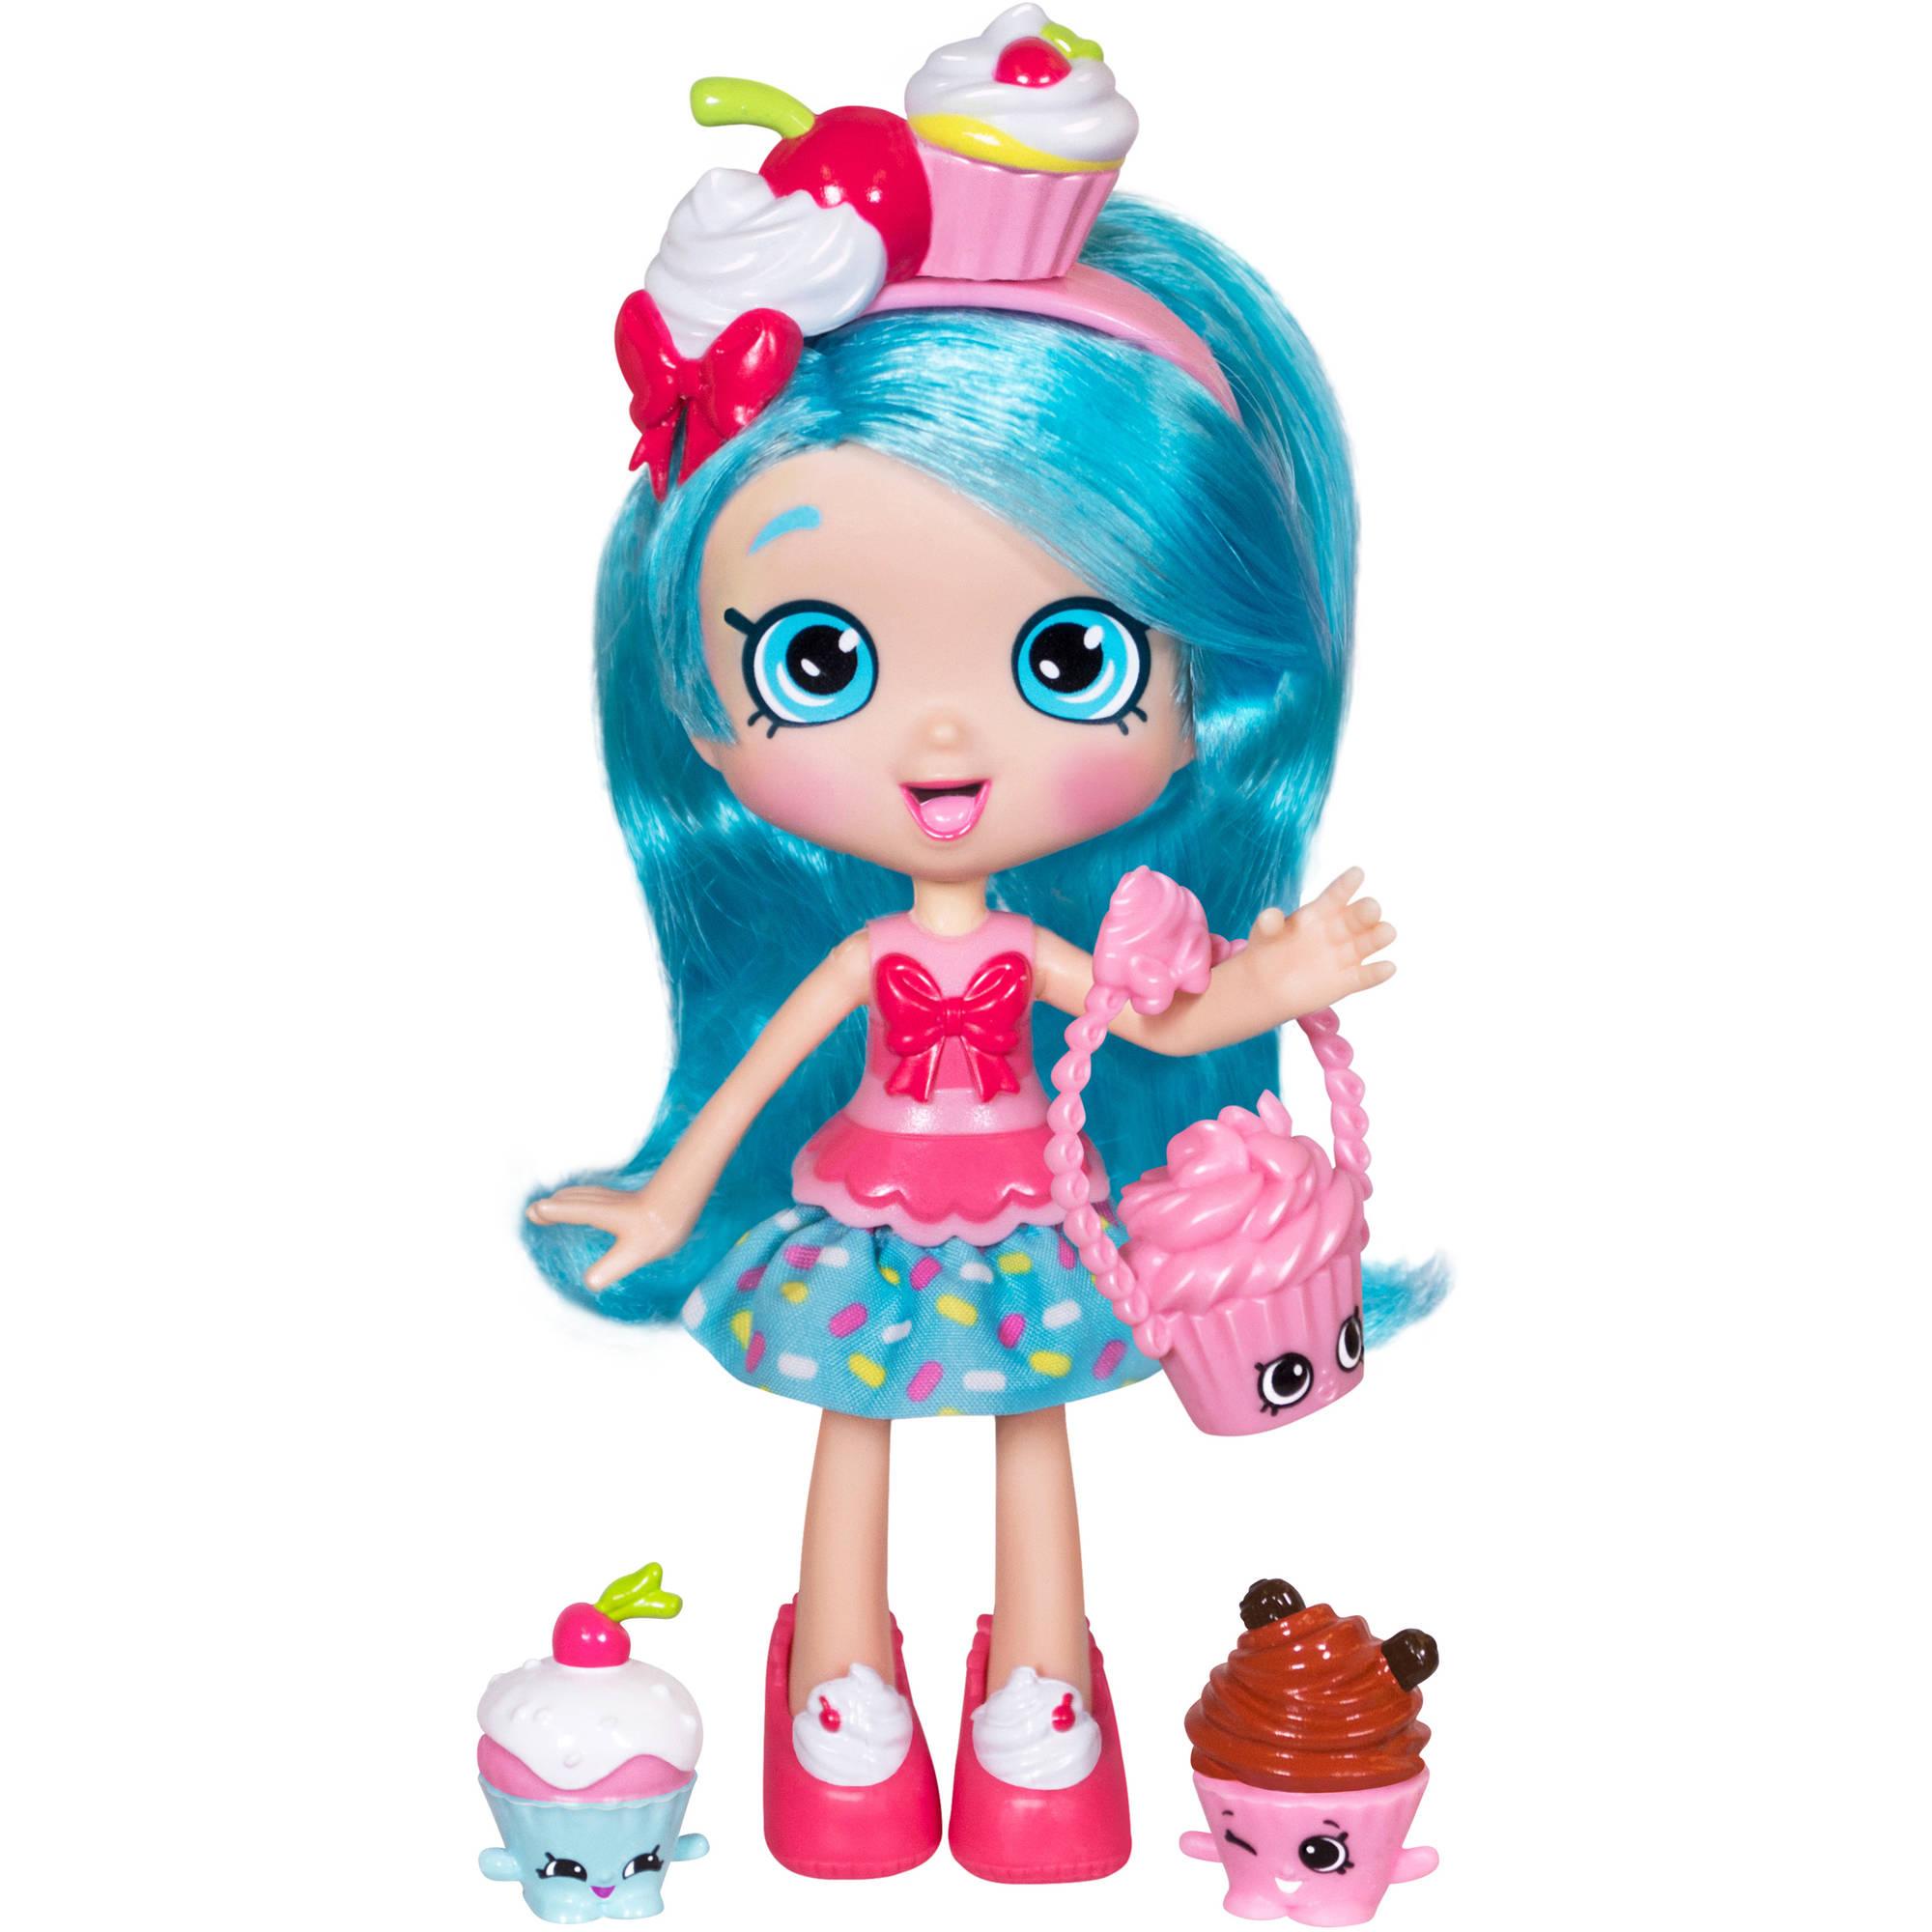 Shopkins Shoppies S1 Doll Pack Jessicake Walmart